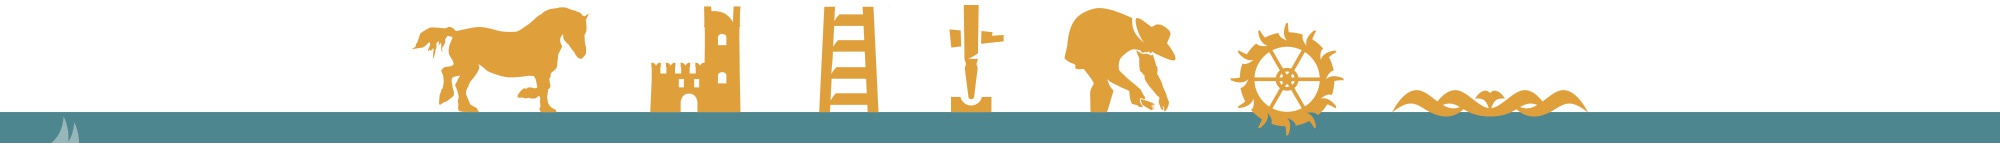 Elementi grafici creati per Ente Fiera Isola della Scala